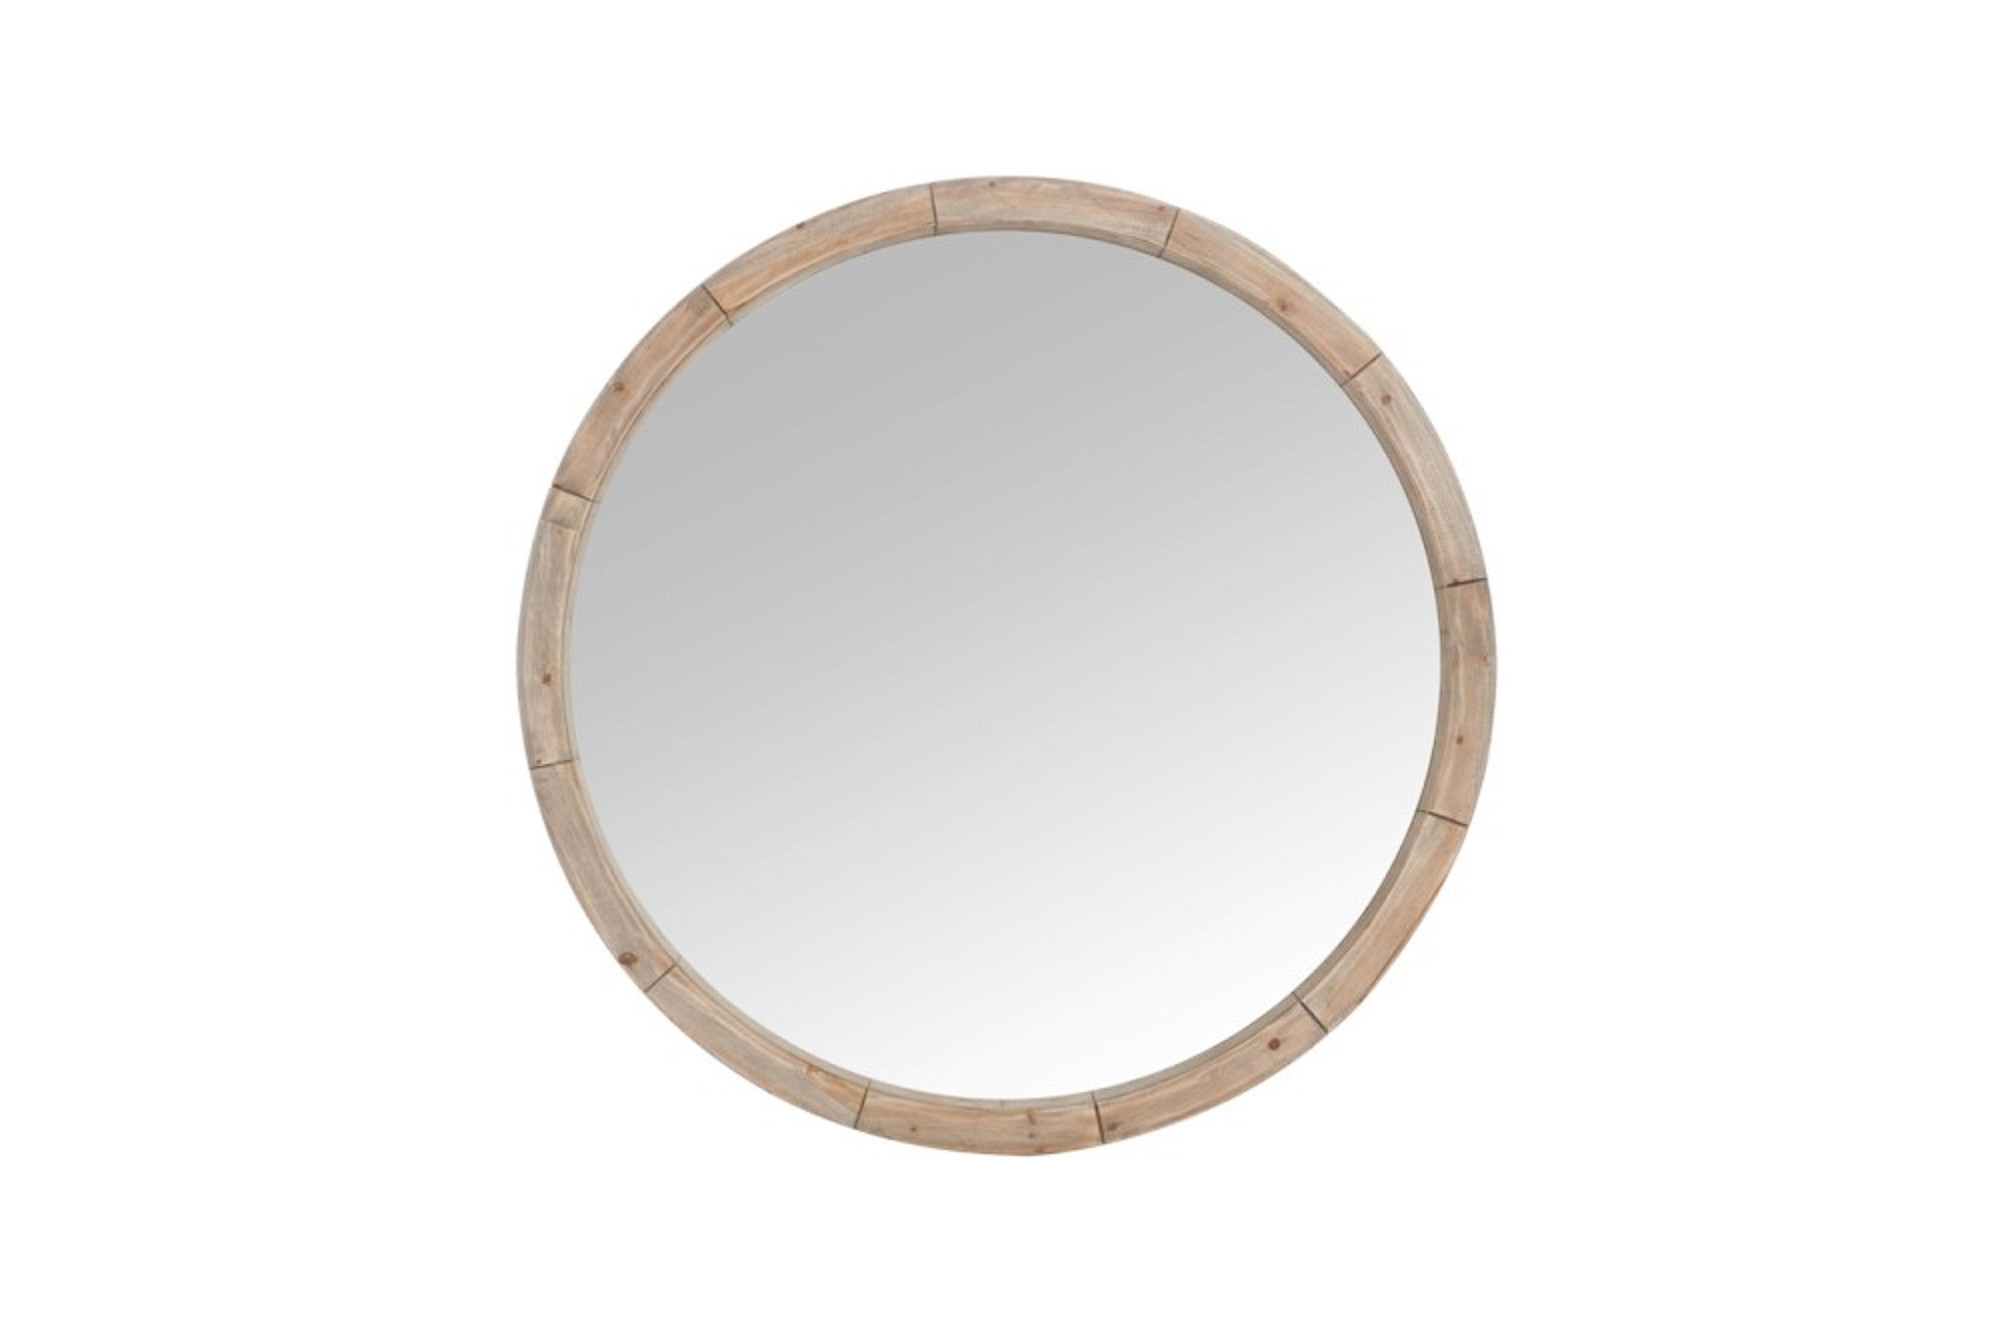 miroir rond cadre en bois naturel 122 cm hellin. Black Bedroom Furniture Sets. Home Design Ideas